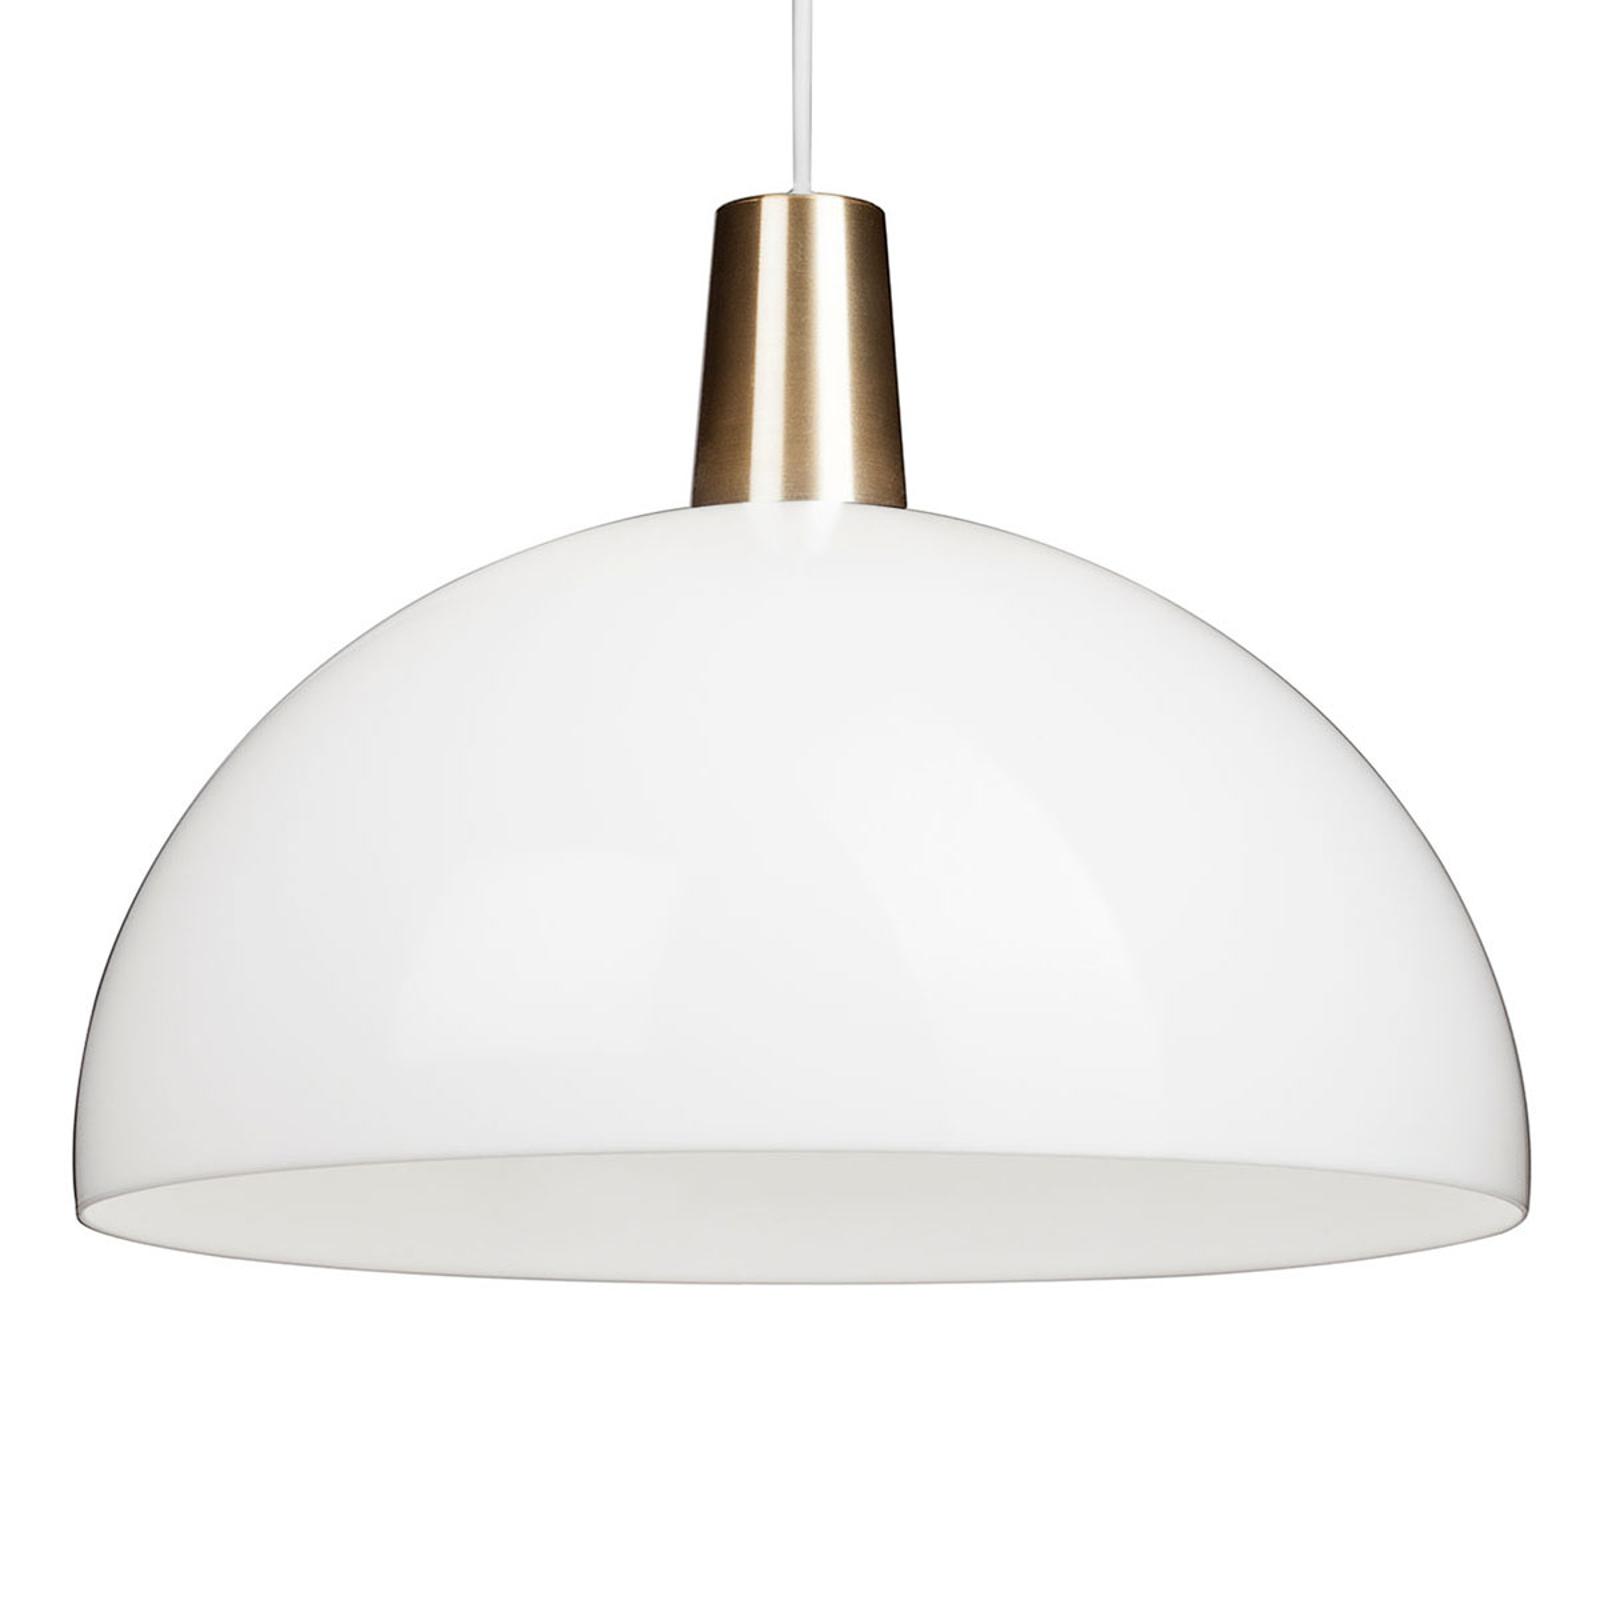 Innolux Kupoli hængelampe me detaljer i messing